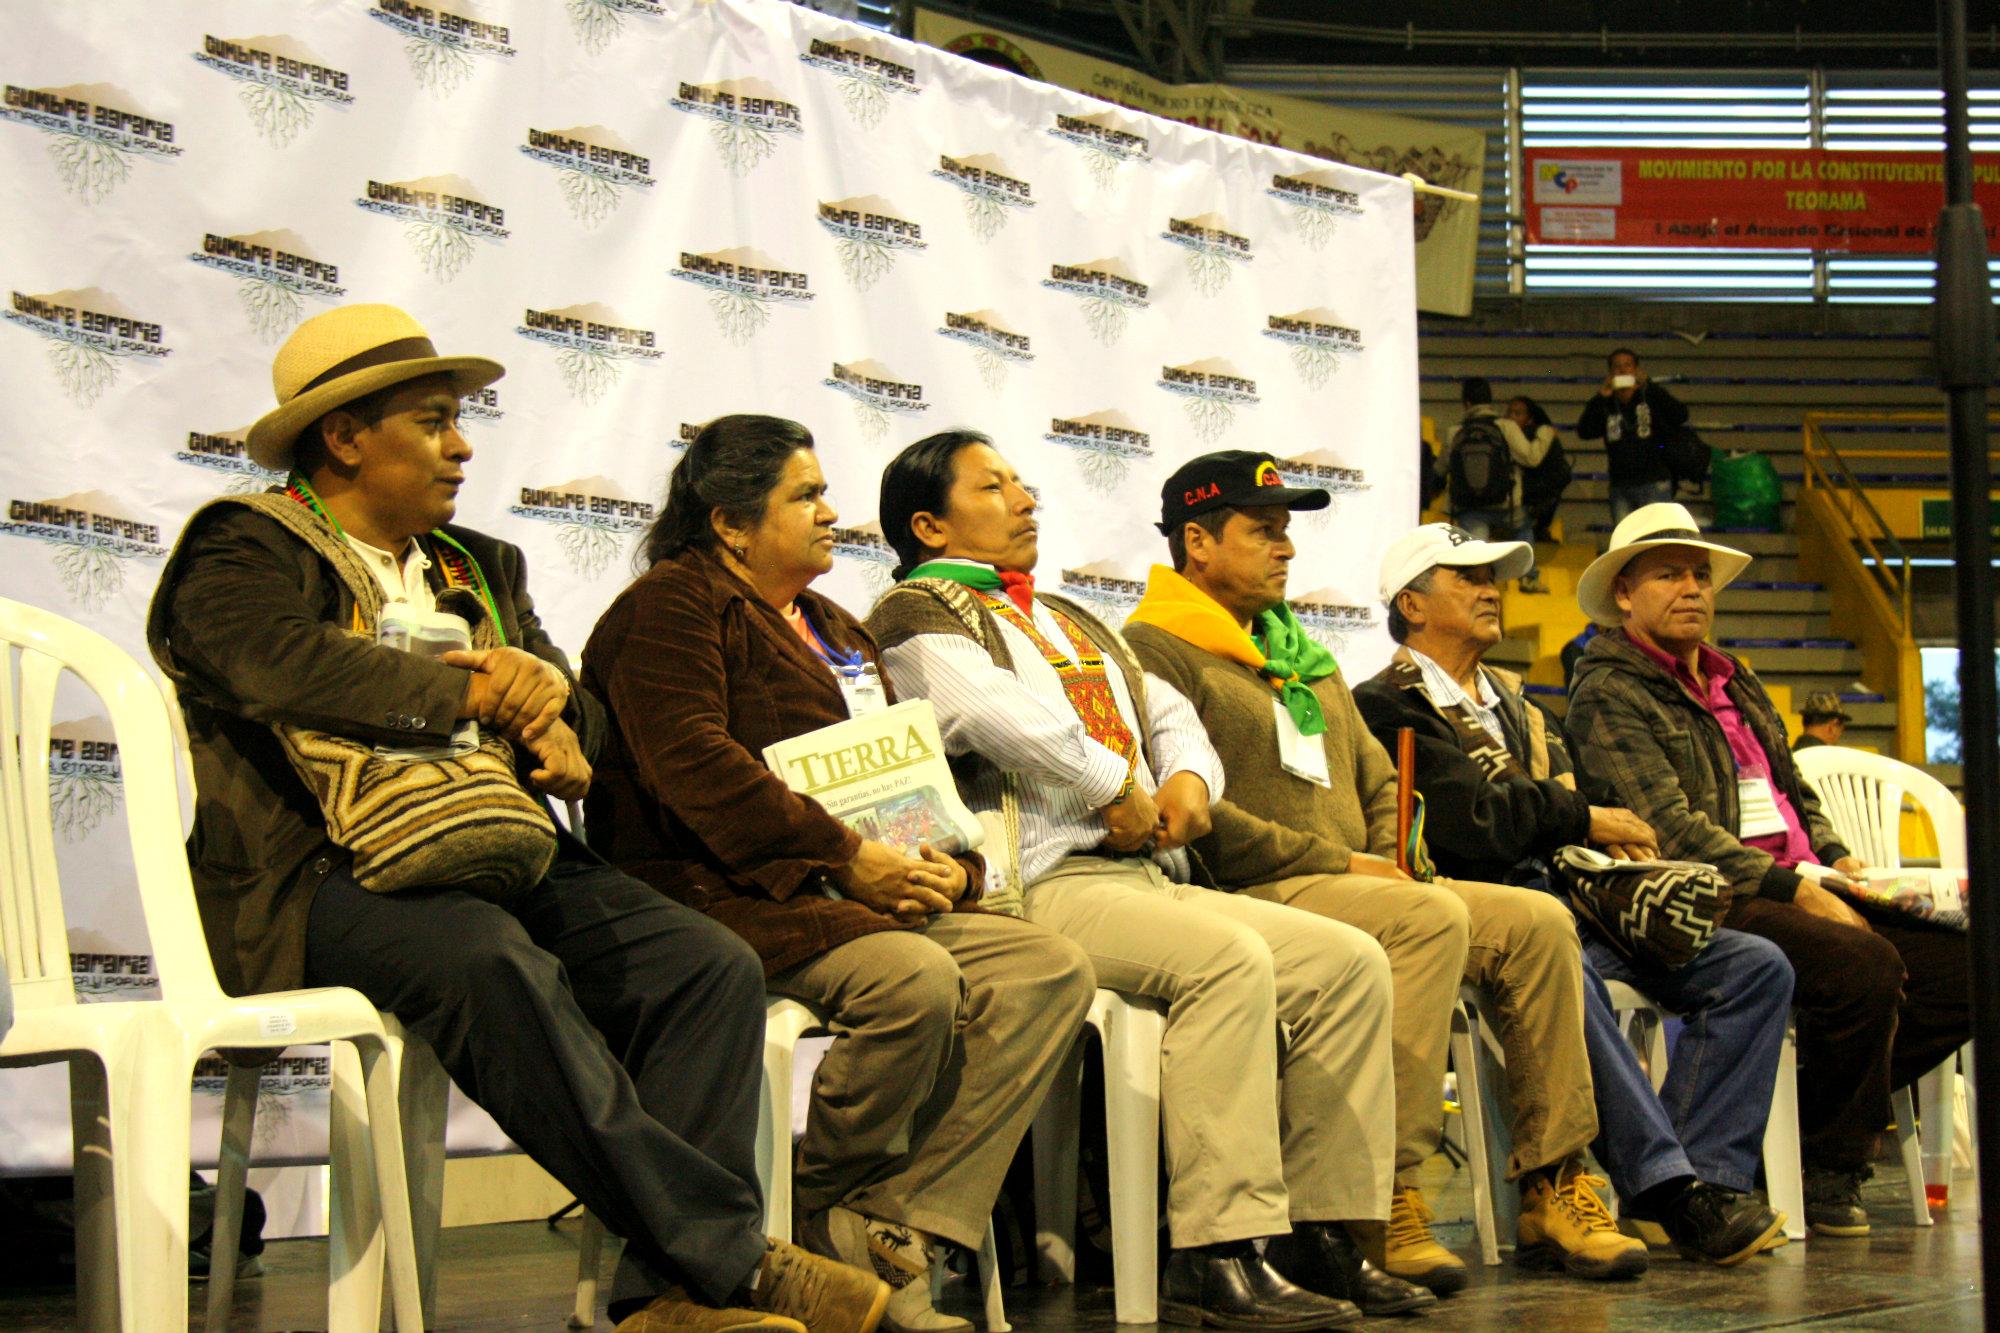 Los indígenas rechazan el incumplimiento del Ministerio de Agricultura en la consulta sobre tierras.